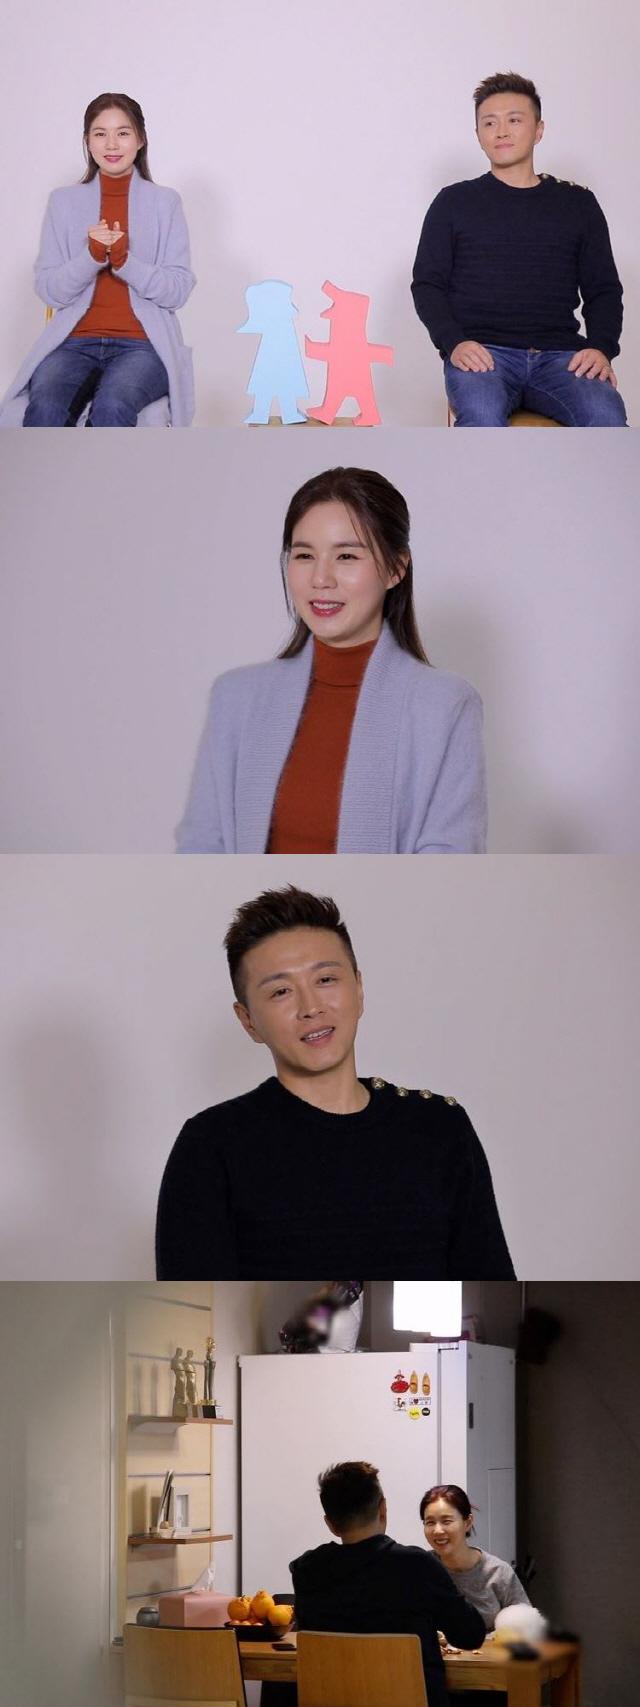 '너는 내 운명' 진태현♥박시은, 공개 입양한 대학생 딸과의 일상 최초 공개